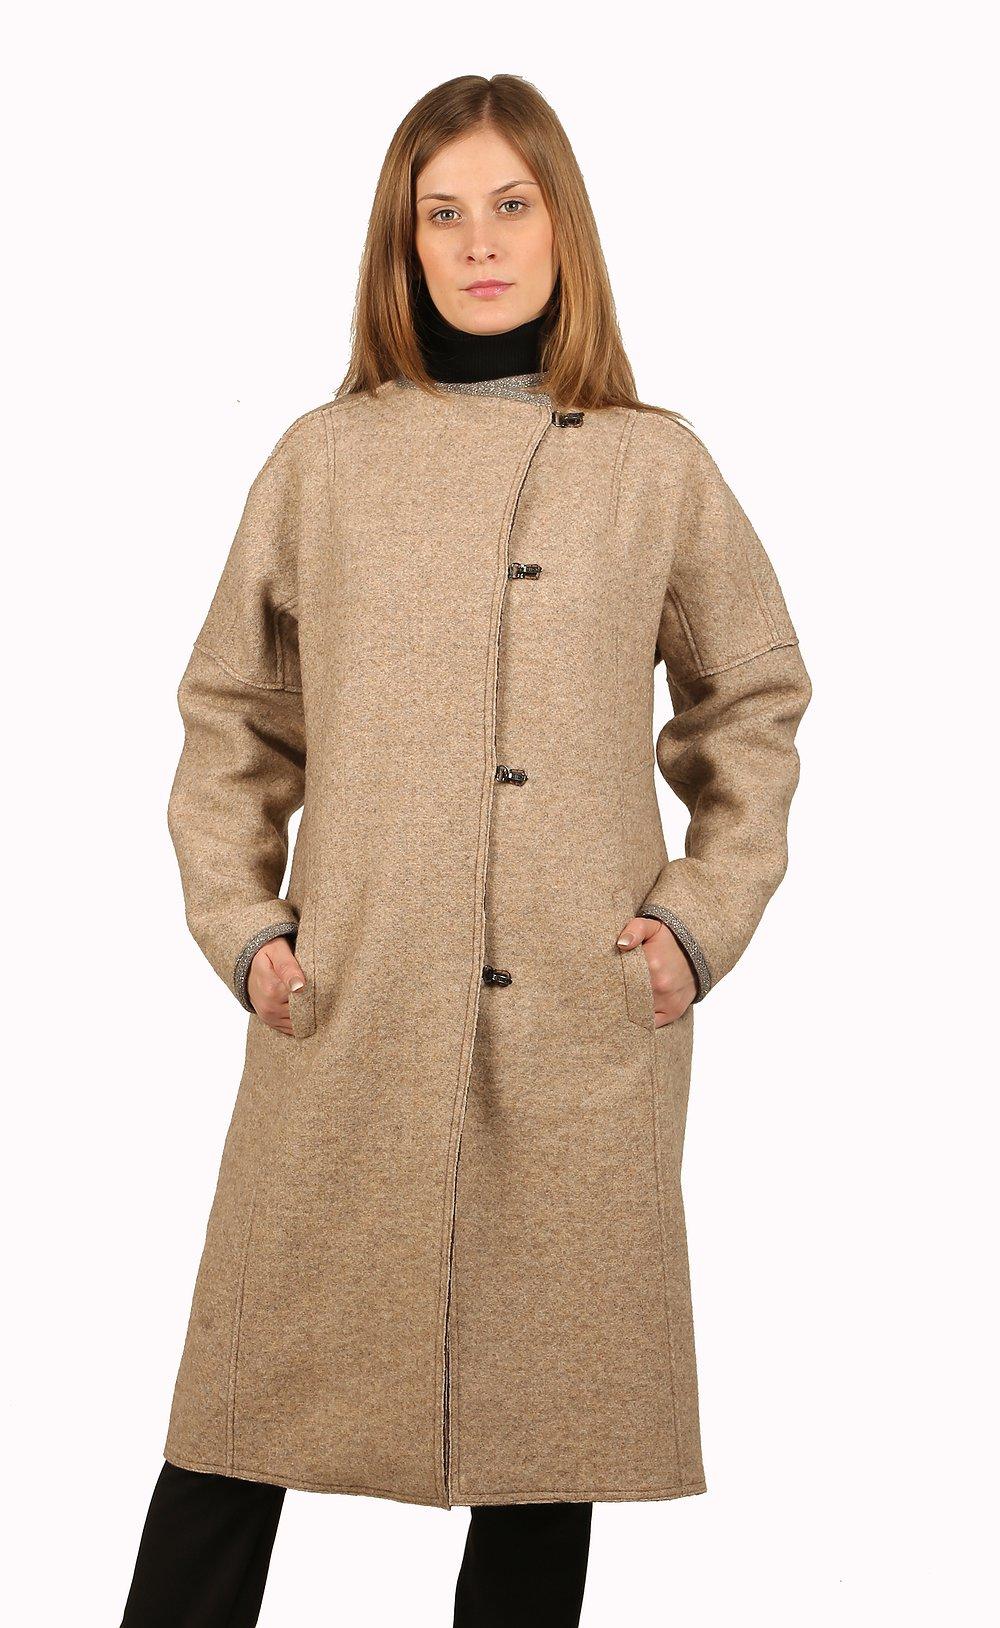 мода 2019-2020 года фото в женской одежде: бежевое пальто